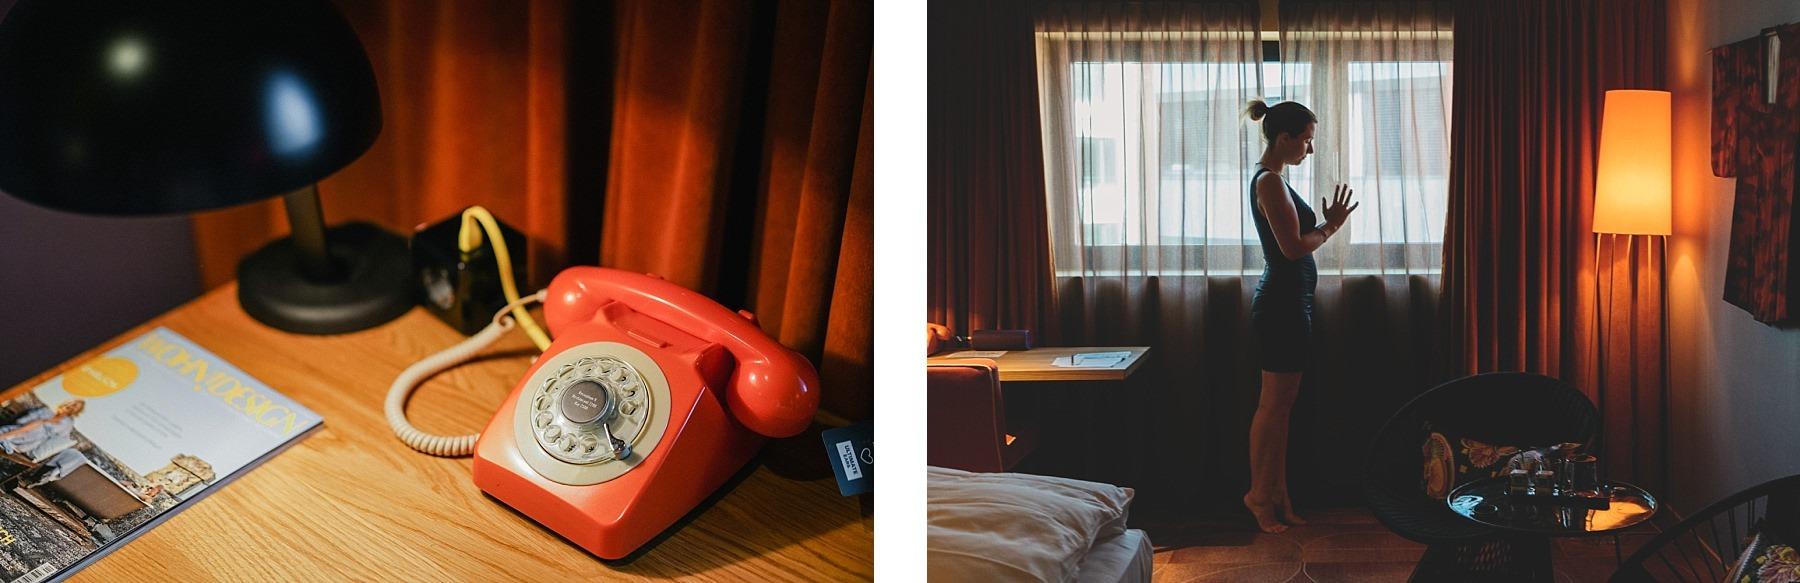 25 hours hotel Francfort - la chambre